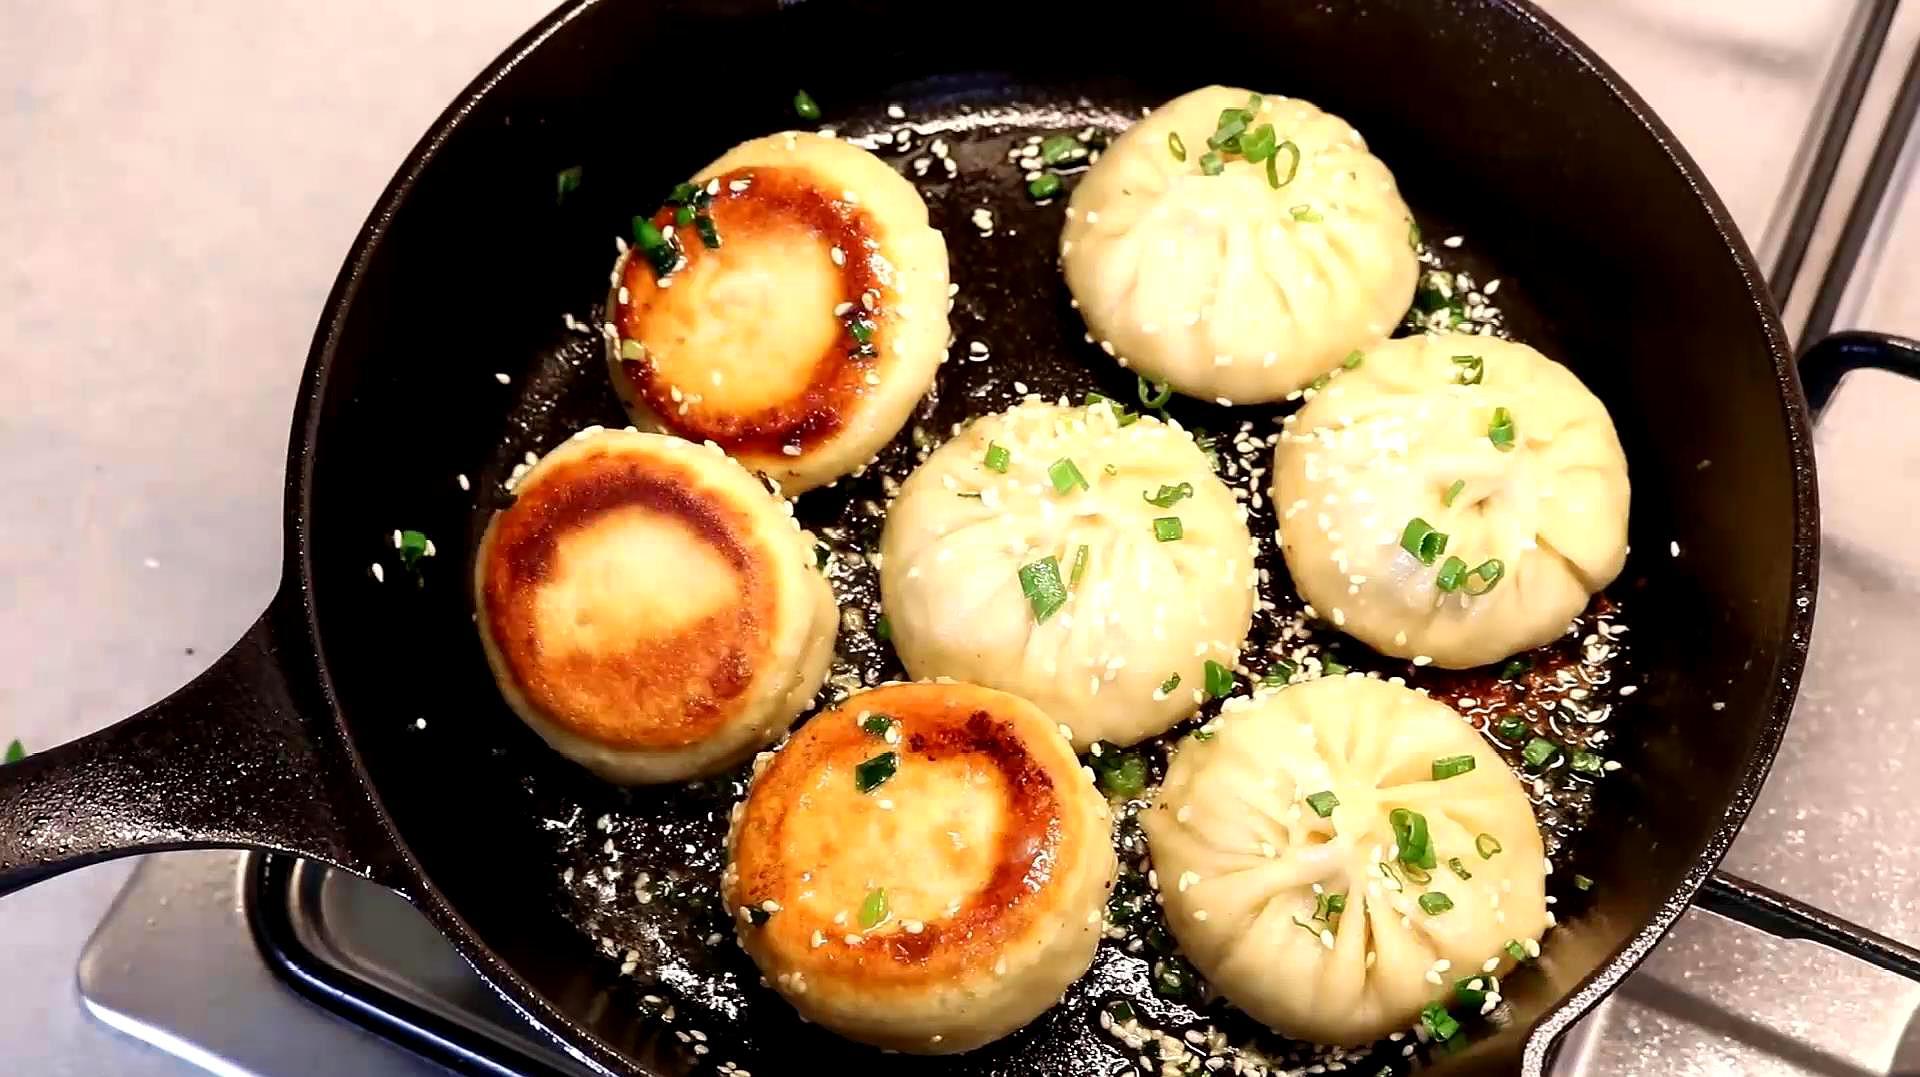 老上海生煎包,自己在家就能做出的美味